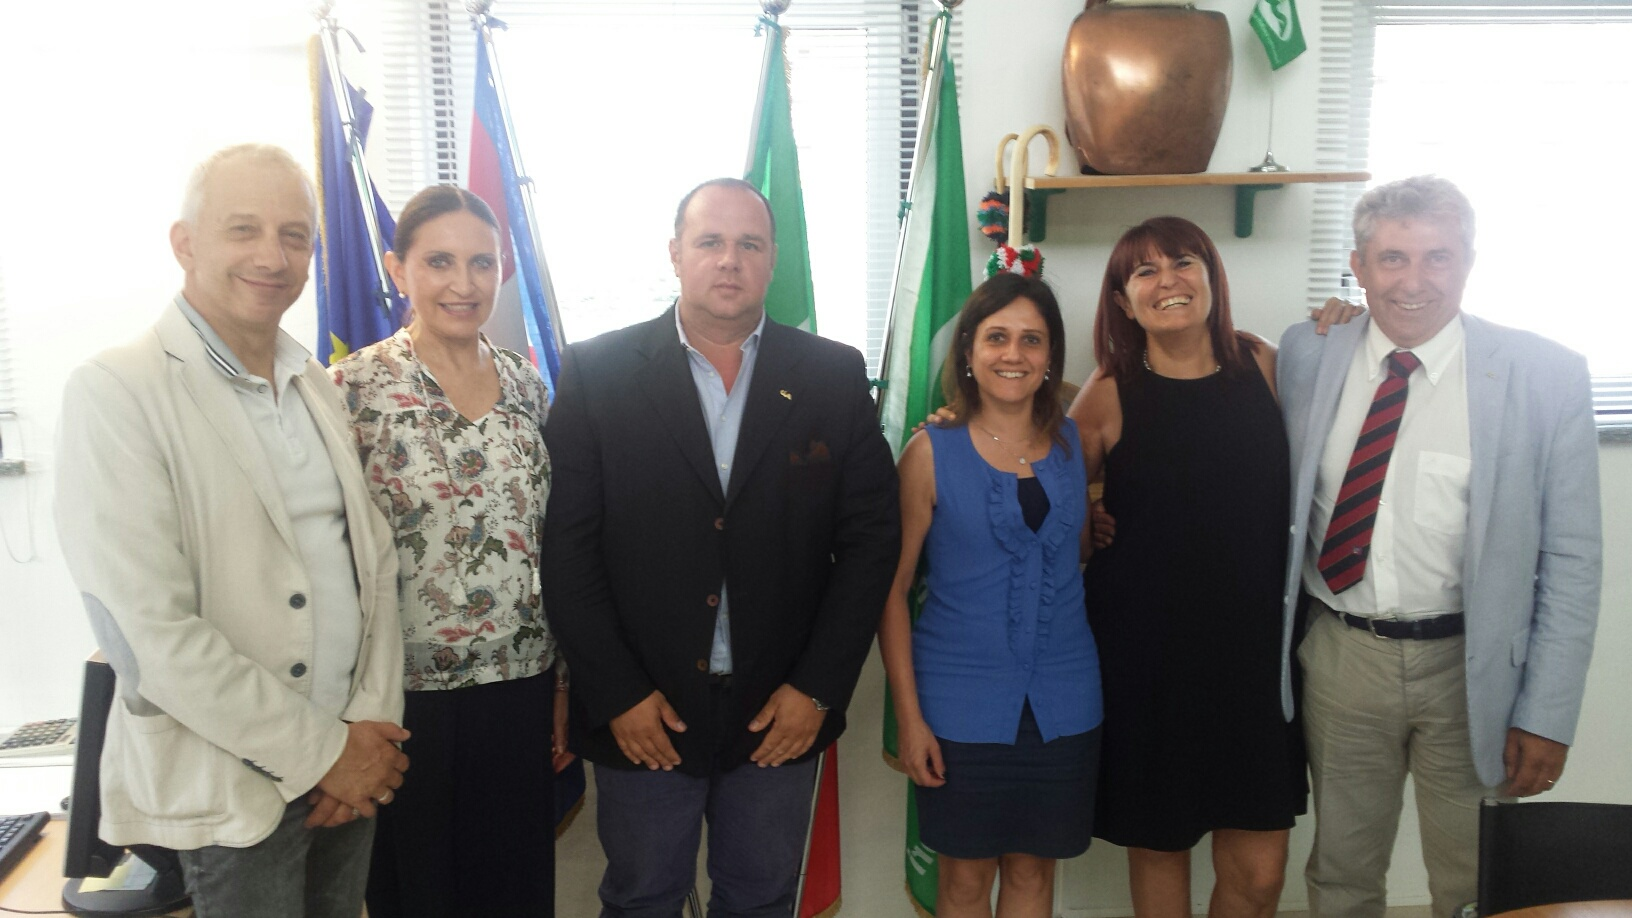 Cia torino incontra la delegazione dei parlamentari for Parlamentari di forza italia